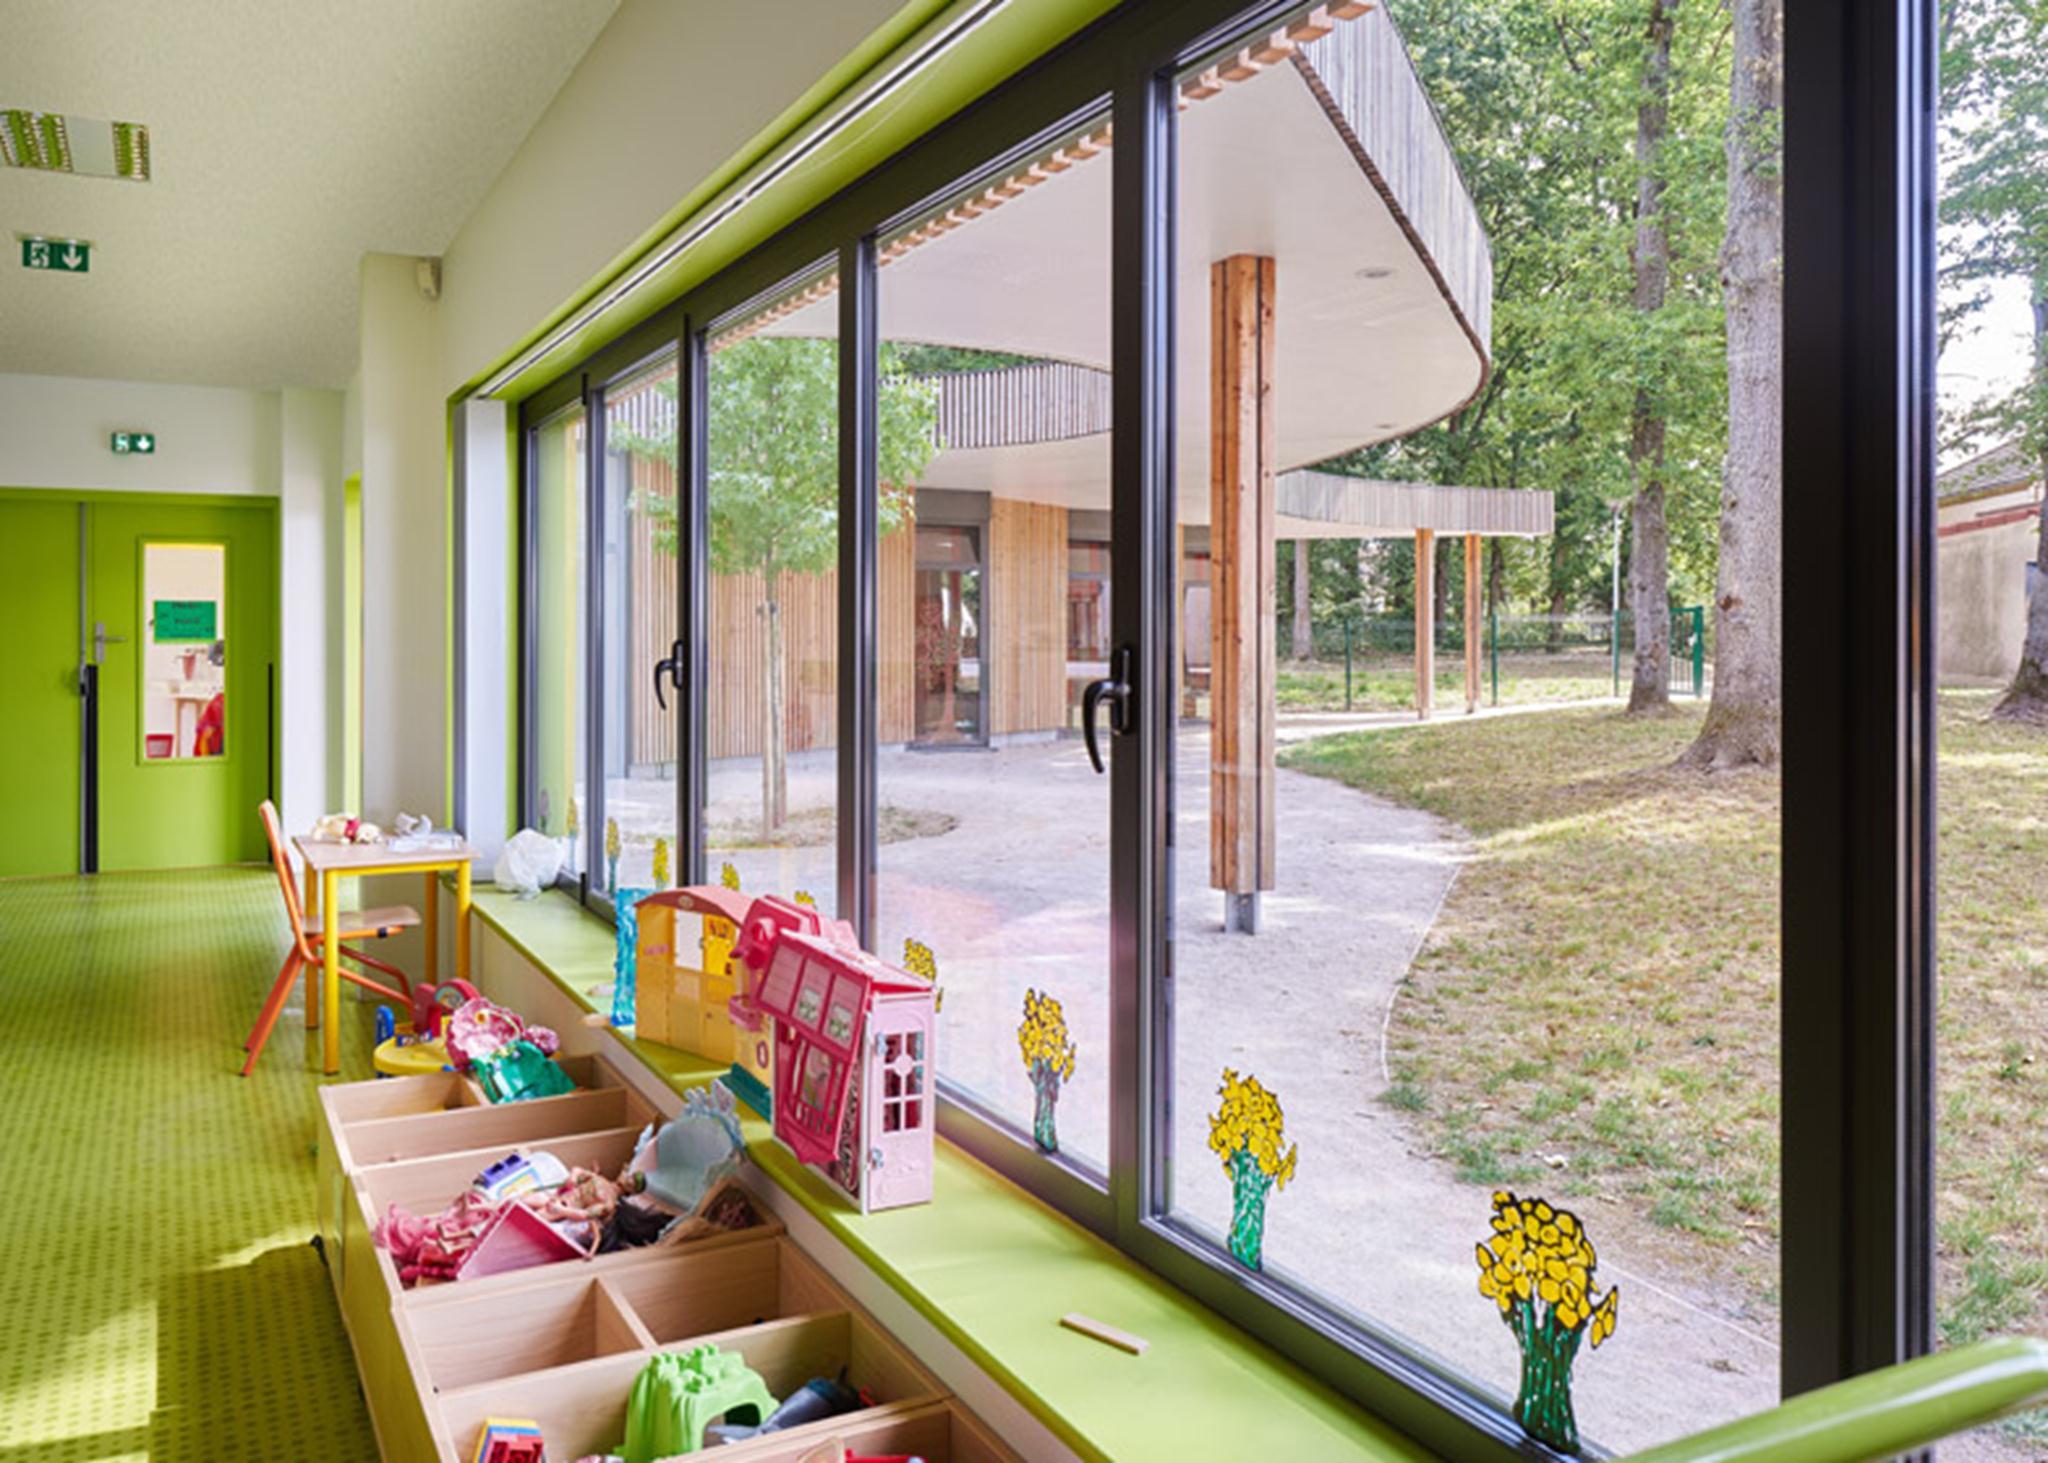 Theo các kiến trúc sư, các tấm ốp mỏng được sử dụng để tăng cường giao diện của mái nhà và để nhấn mạnh hình dạng cong của toàn bộ tòa nhà.